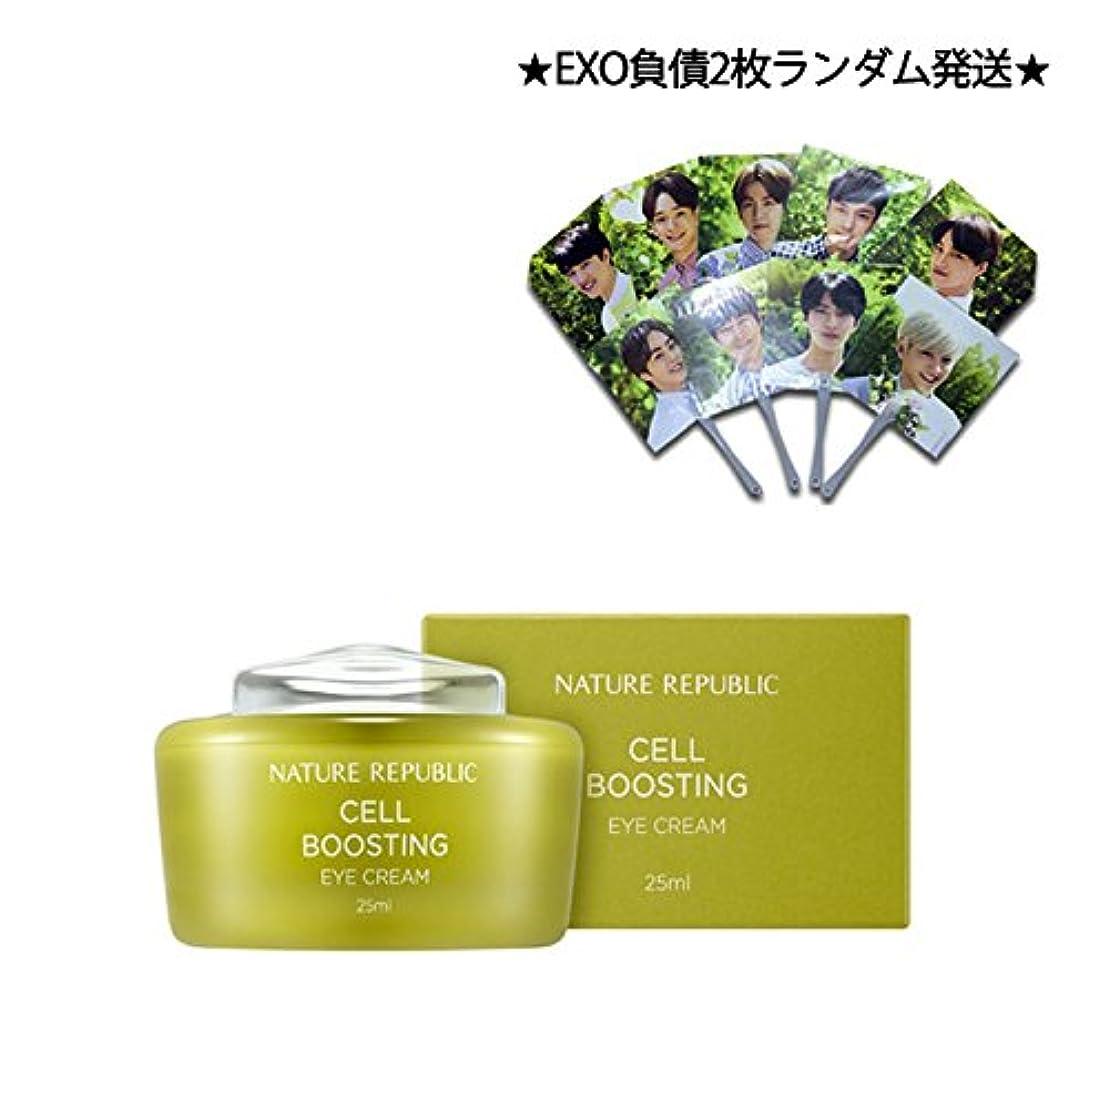 ジョージスティーブンソンカテナバドミントン[ネイチャーリパブリック]NATURE REPUBLIC/セルブースティングアイクリーム+ EXO負債ランダム贈呈(2EA) /海外直送品/(Cell Boosting Eye Cream + EXO Fan Random Gift(2EA)) [並行輸入品]